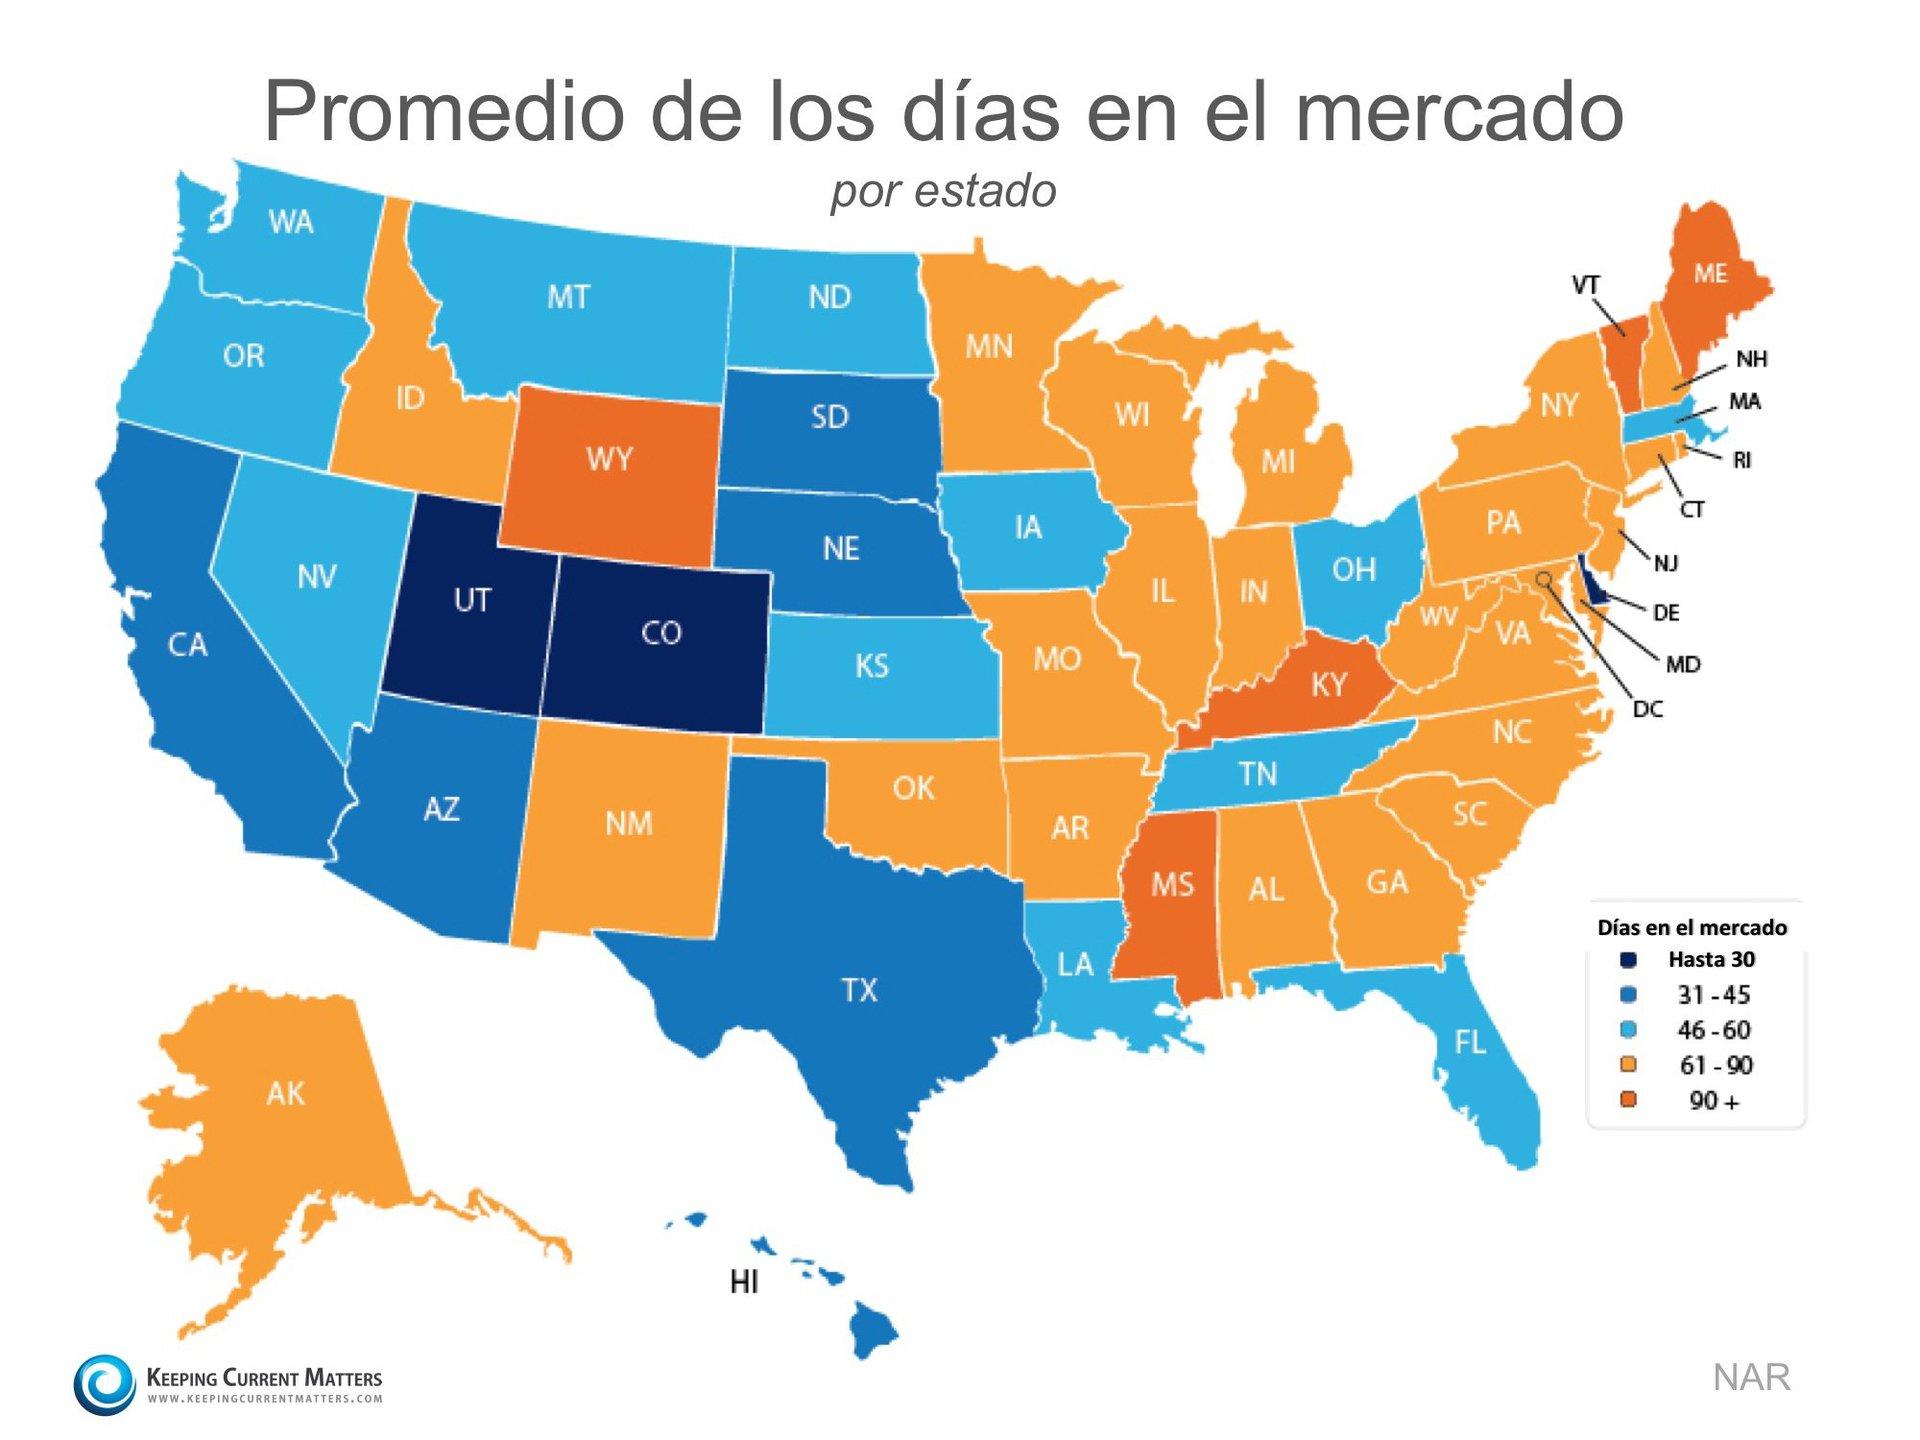 Las casas se están vendiendo rápidamente en todo el país| Keeping Current Matters